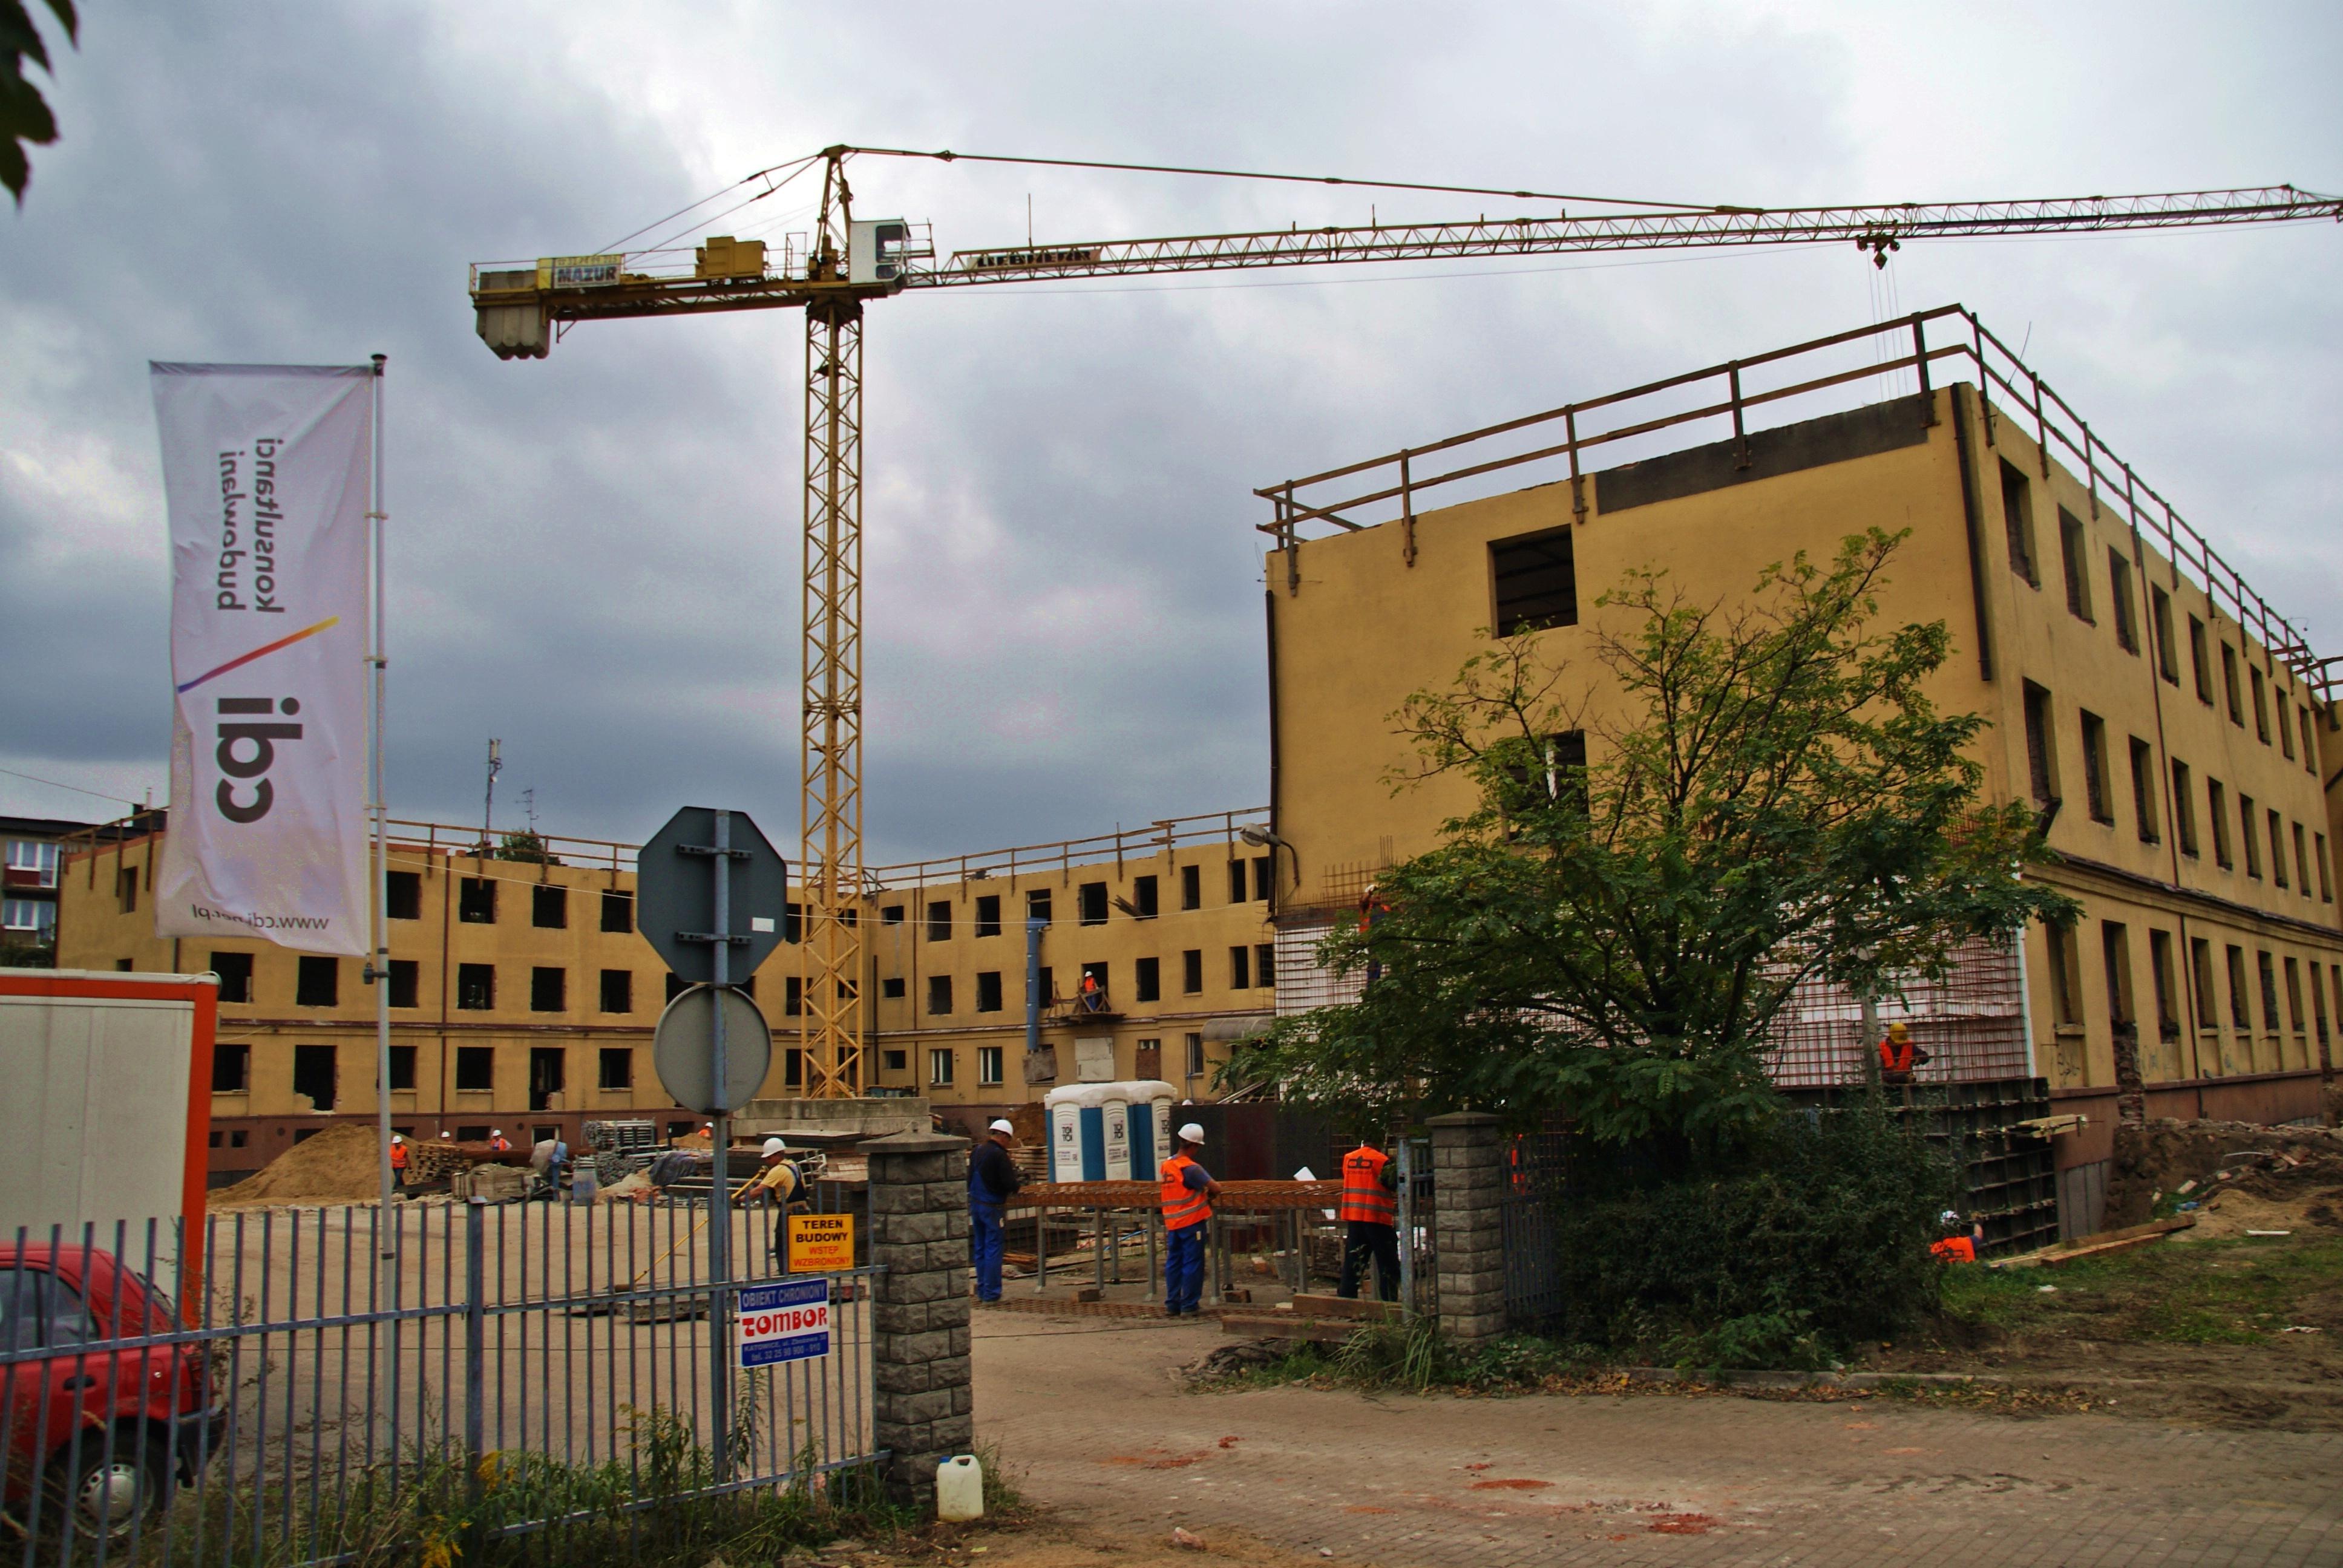 Deregulacja w budowlance – lekarstwo czy trucizna?